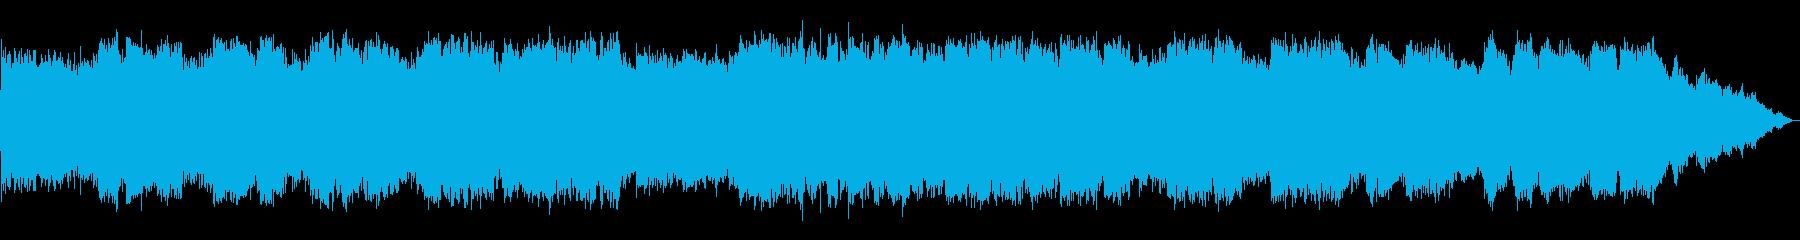 エスニックな弦楽器と笛の即興音楽の再生済みの波形